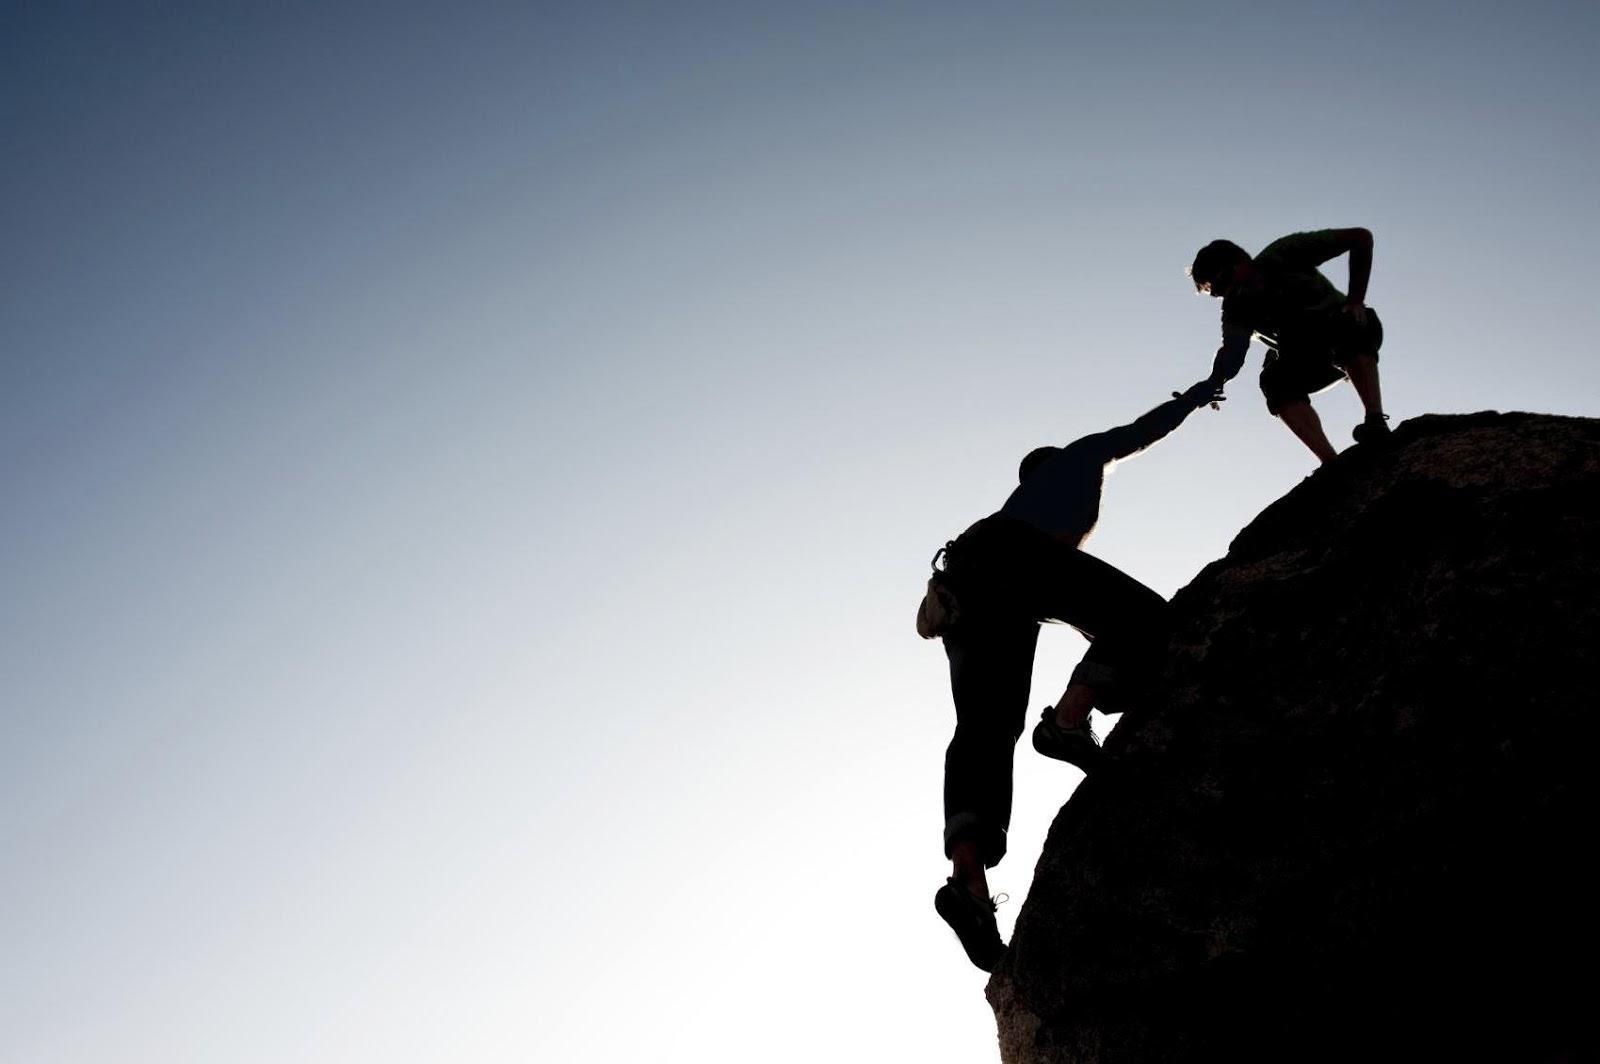 Ghi nhớ 3 loại người ảnh hưởng nhiều nhất đến cuộc đời của bạn